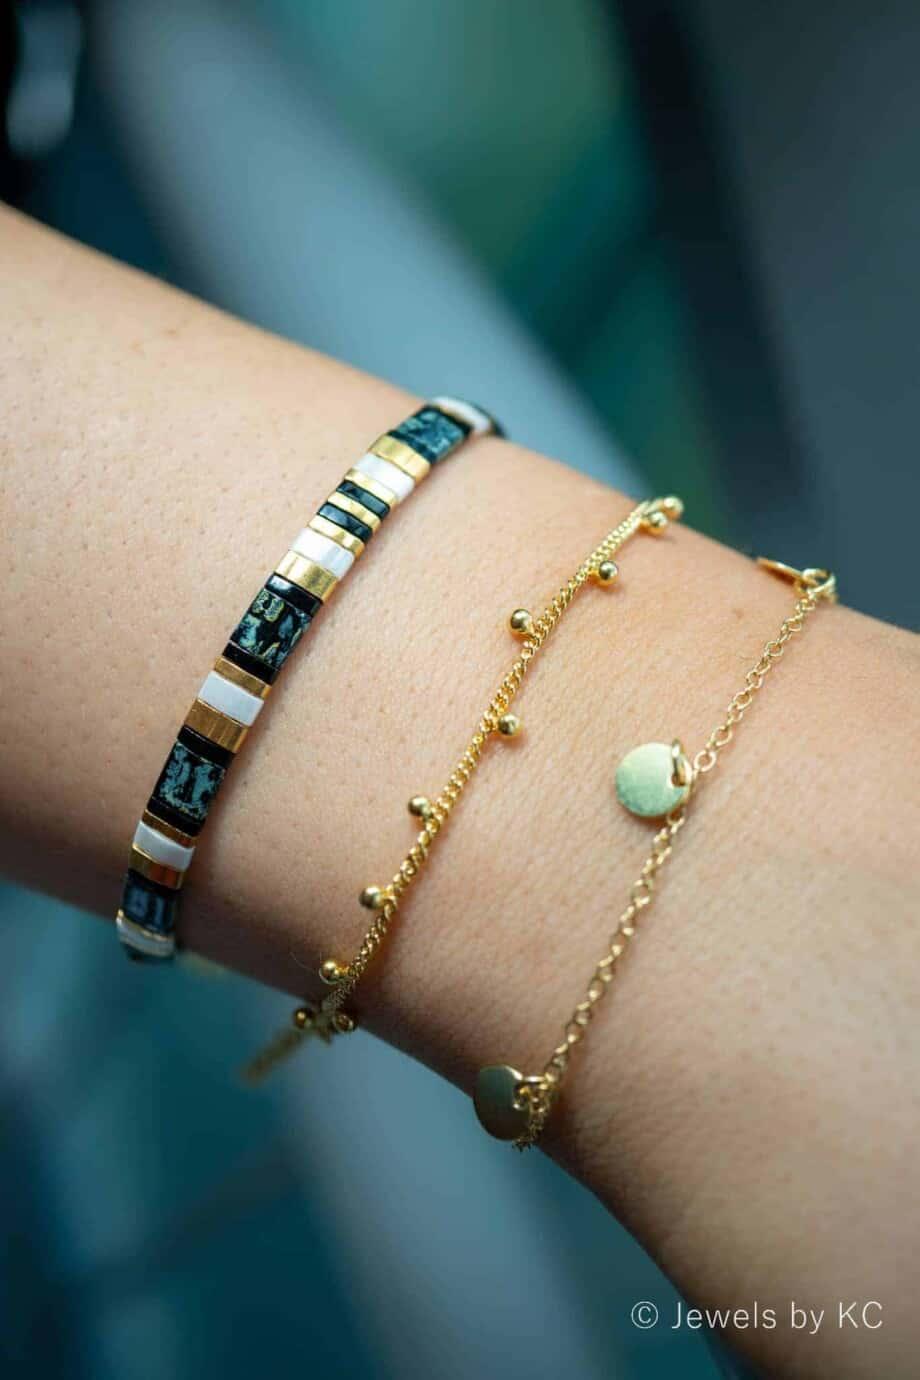 Gouden armband met muntjes 'Coins' van Goud op Zilver